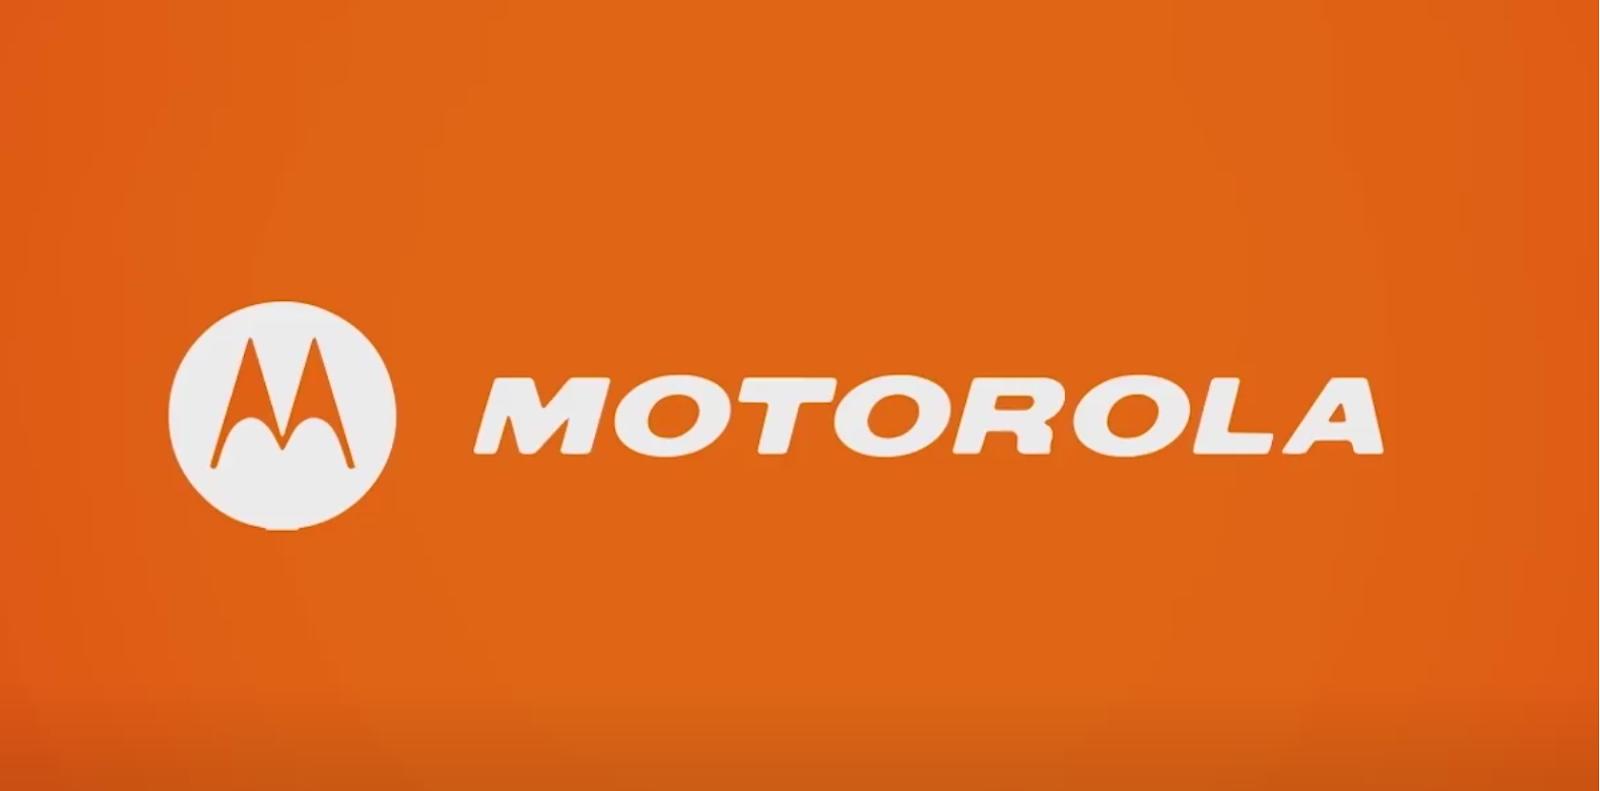 MOTOROLA RFS SERIES SYSTEM REFERENCE MANUAL Pdf Download